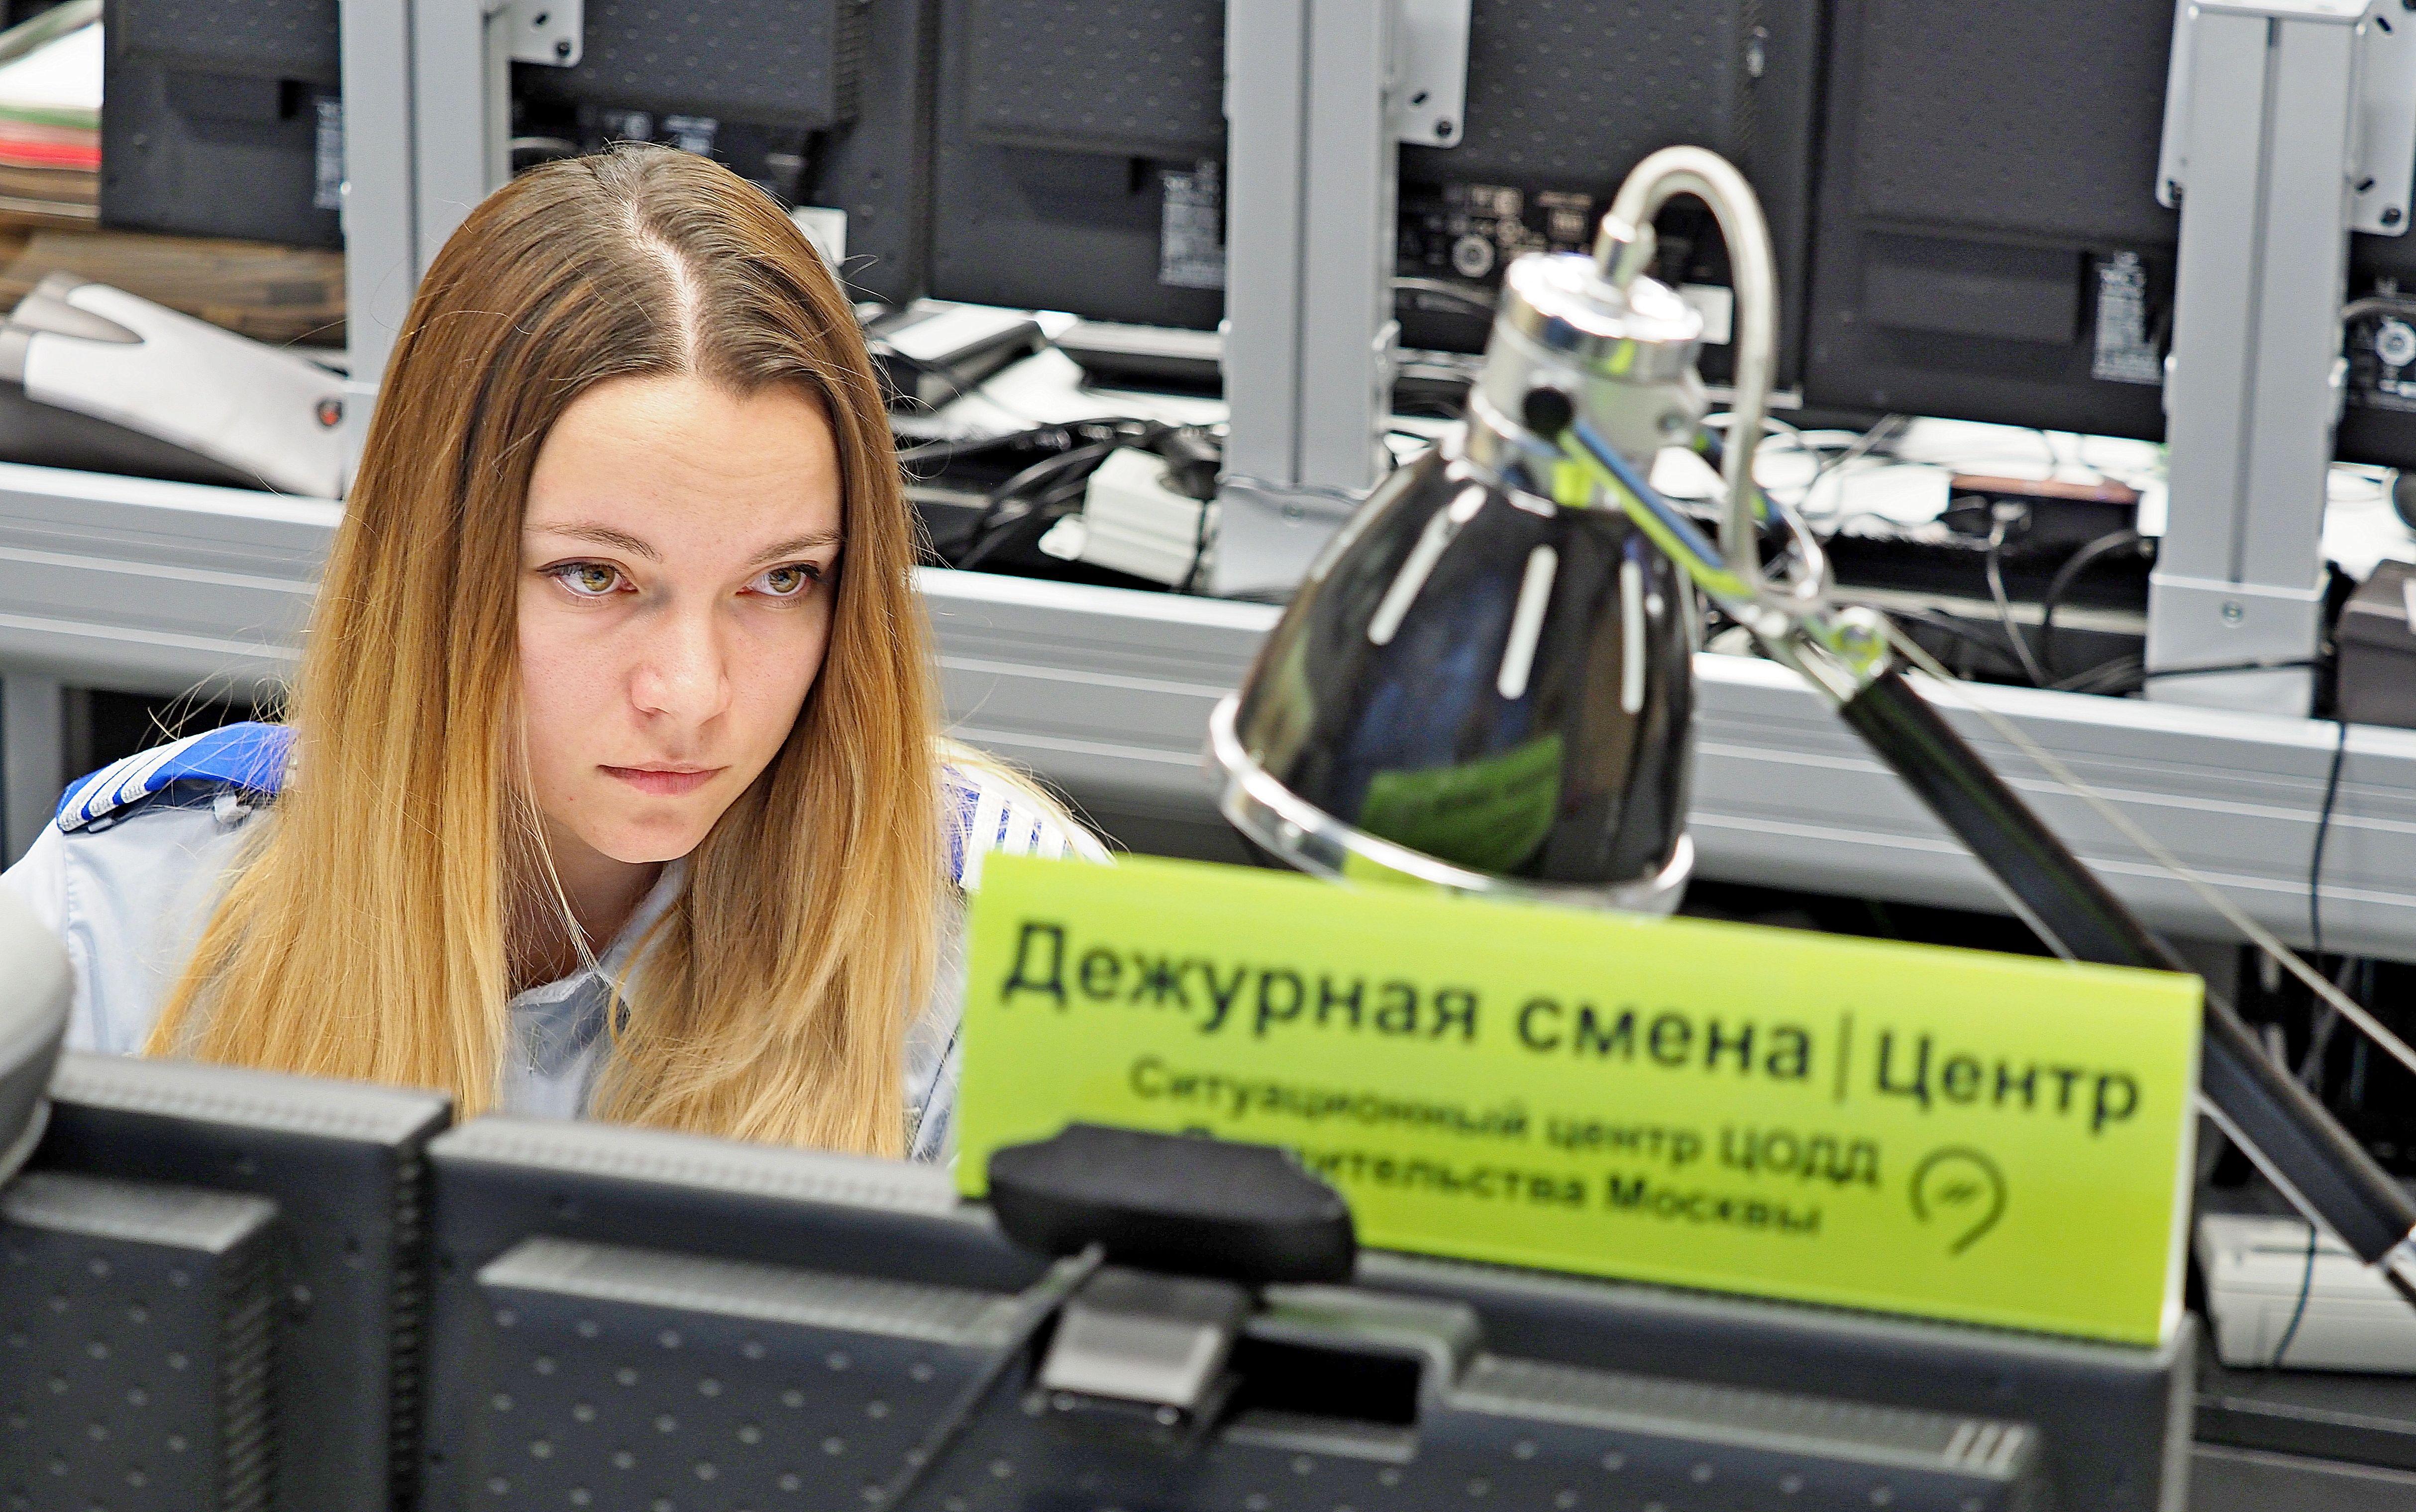 Дачникам посоветовали не выезжать из Москвы до 20:00